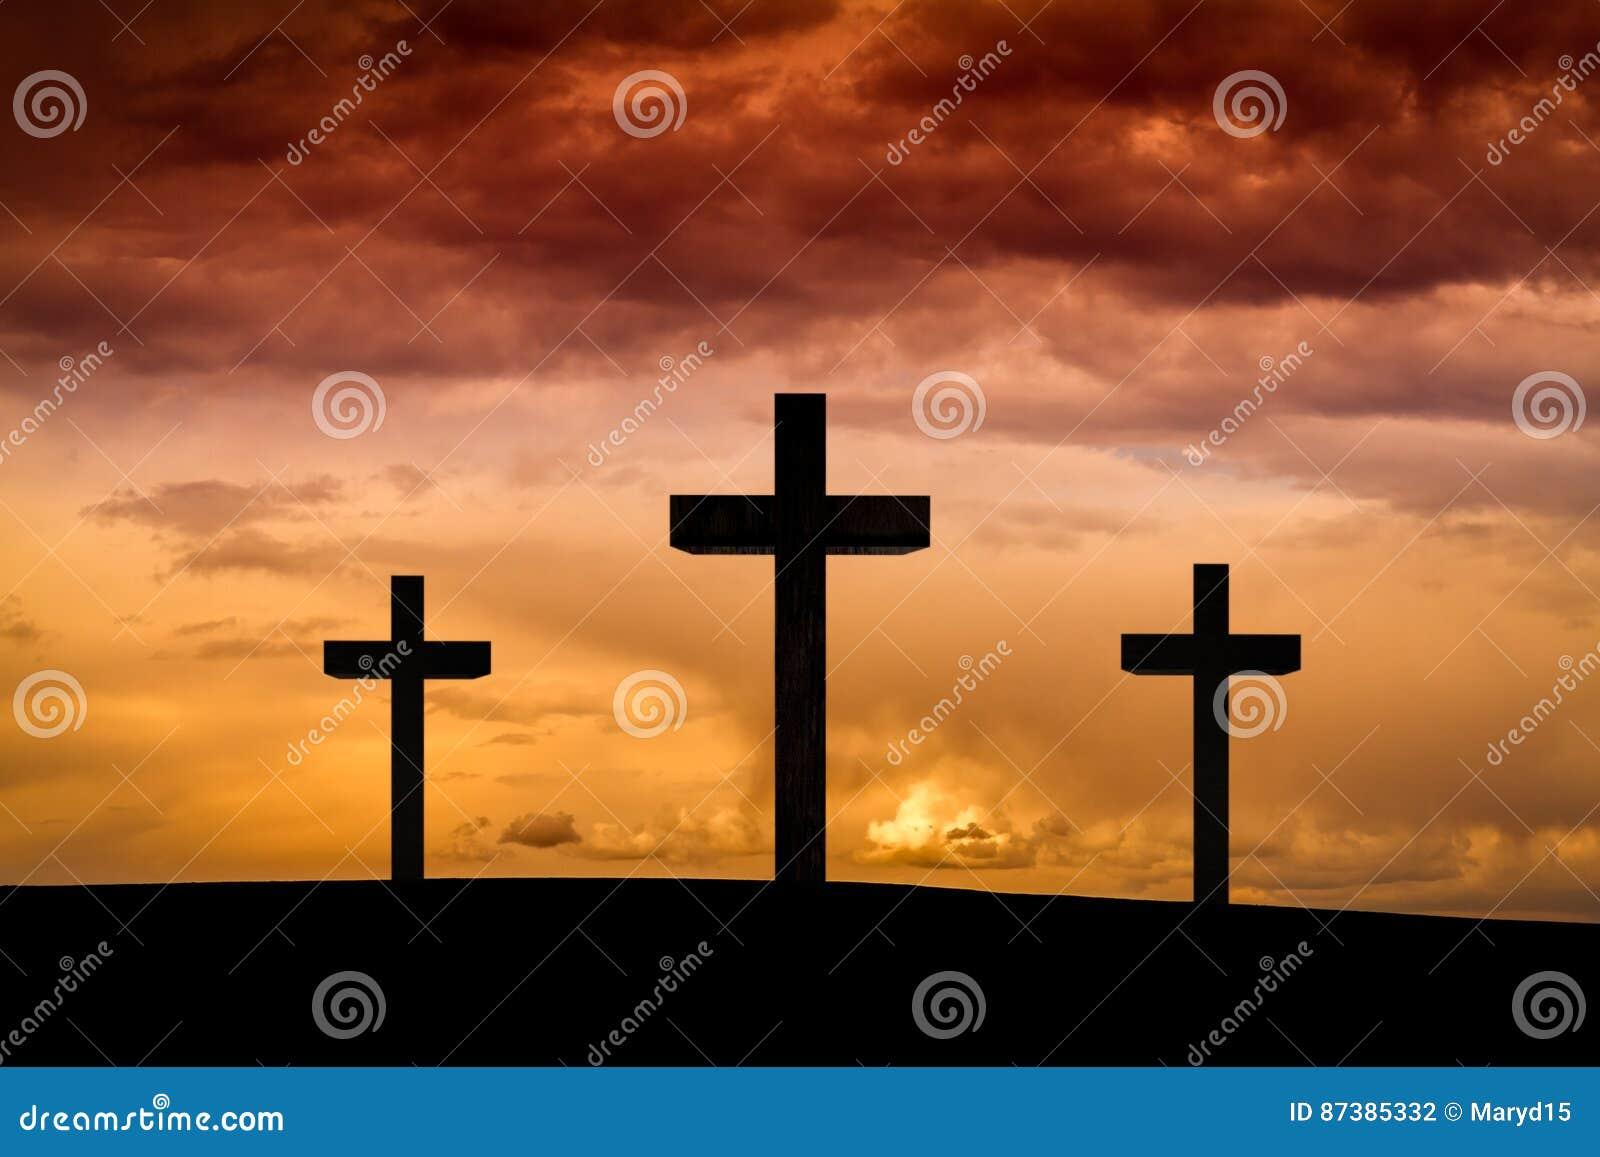 Jesus Christ-Kreuz auf einem roten, orange Himmel mit drastischen Wolken, dunkler Sonnenuntergang